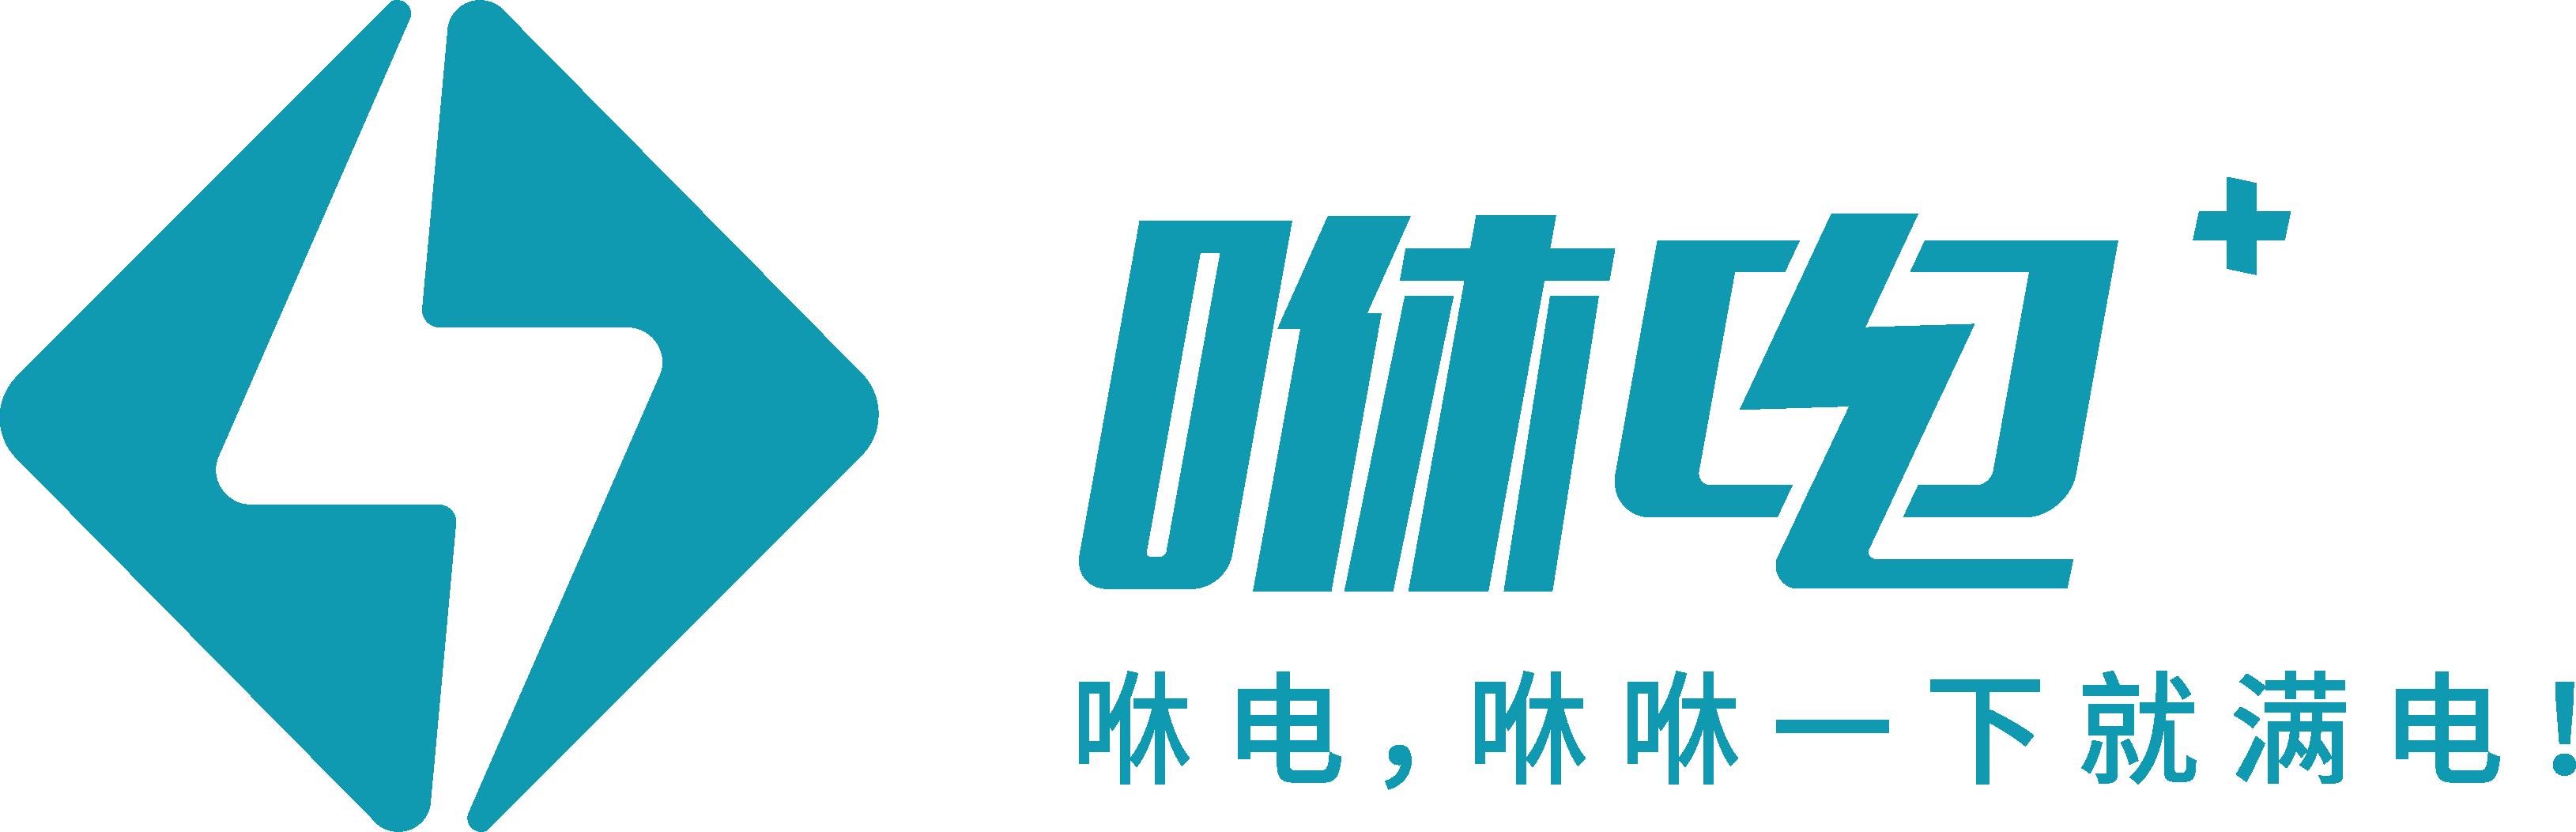 廈門咻電科技有限公司Logo